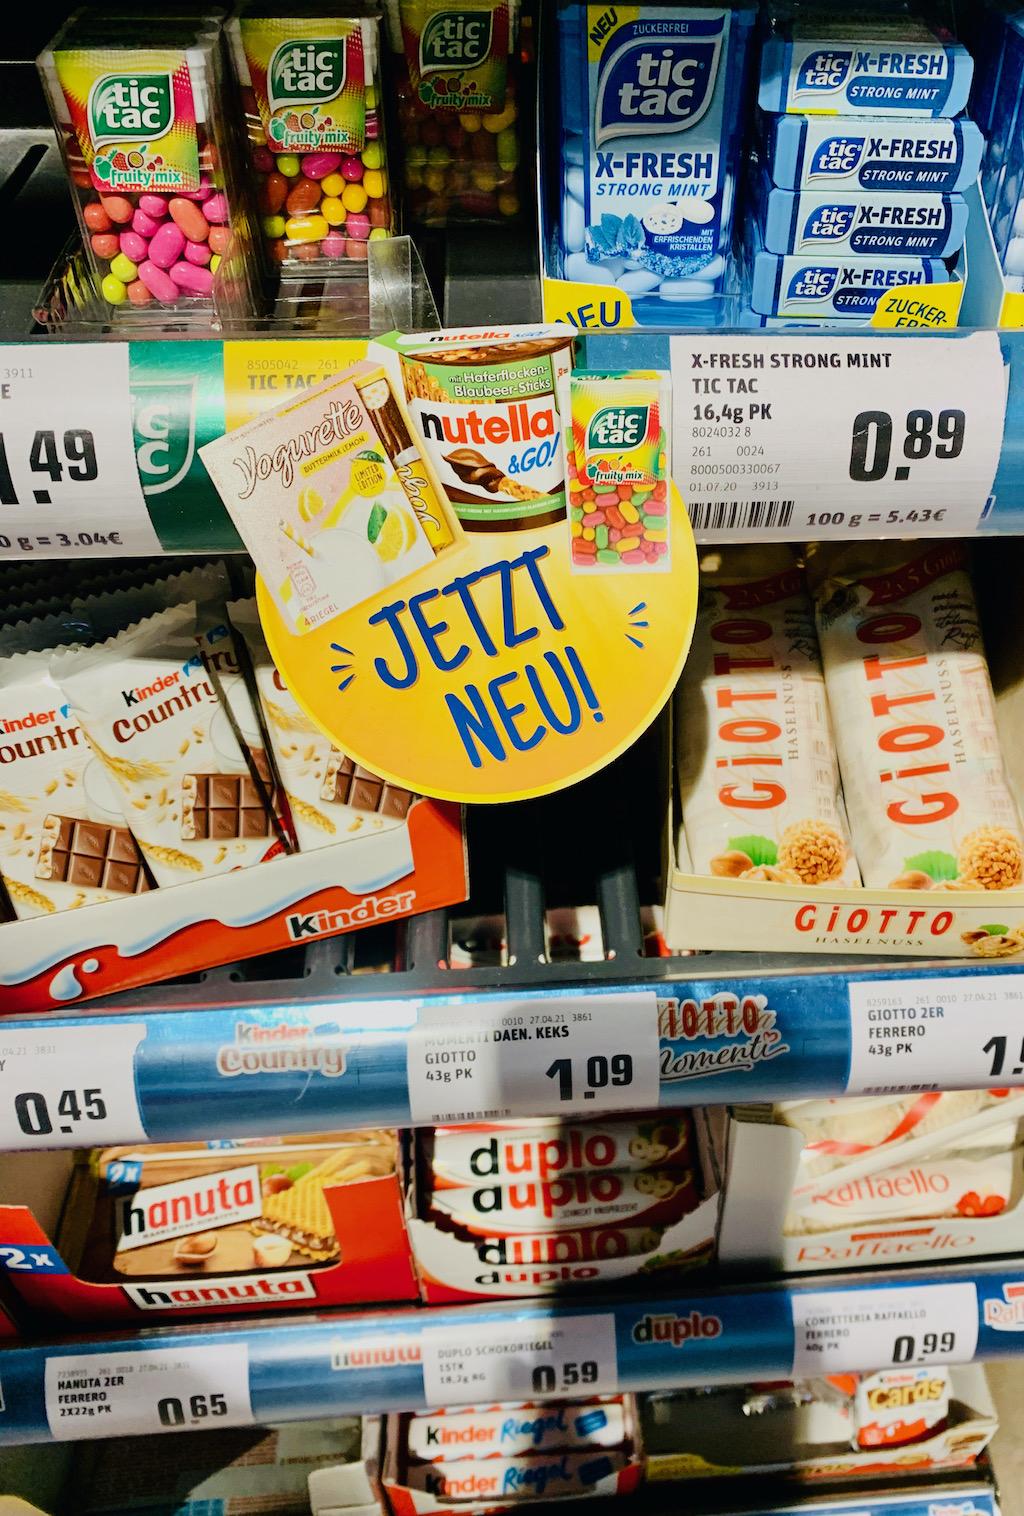 Ferrero Werbung an der Kasse für Yogurette-Mini-Nutella&G und Tictac